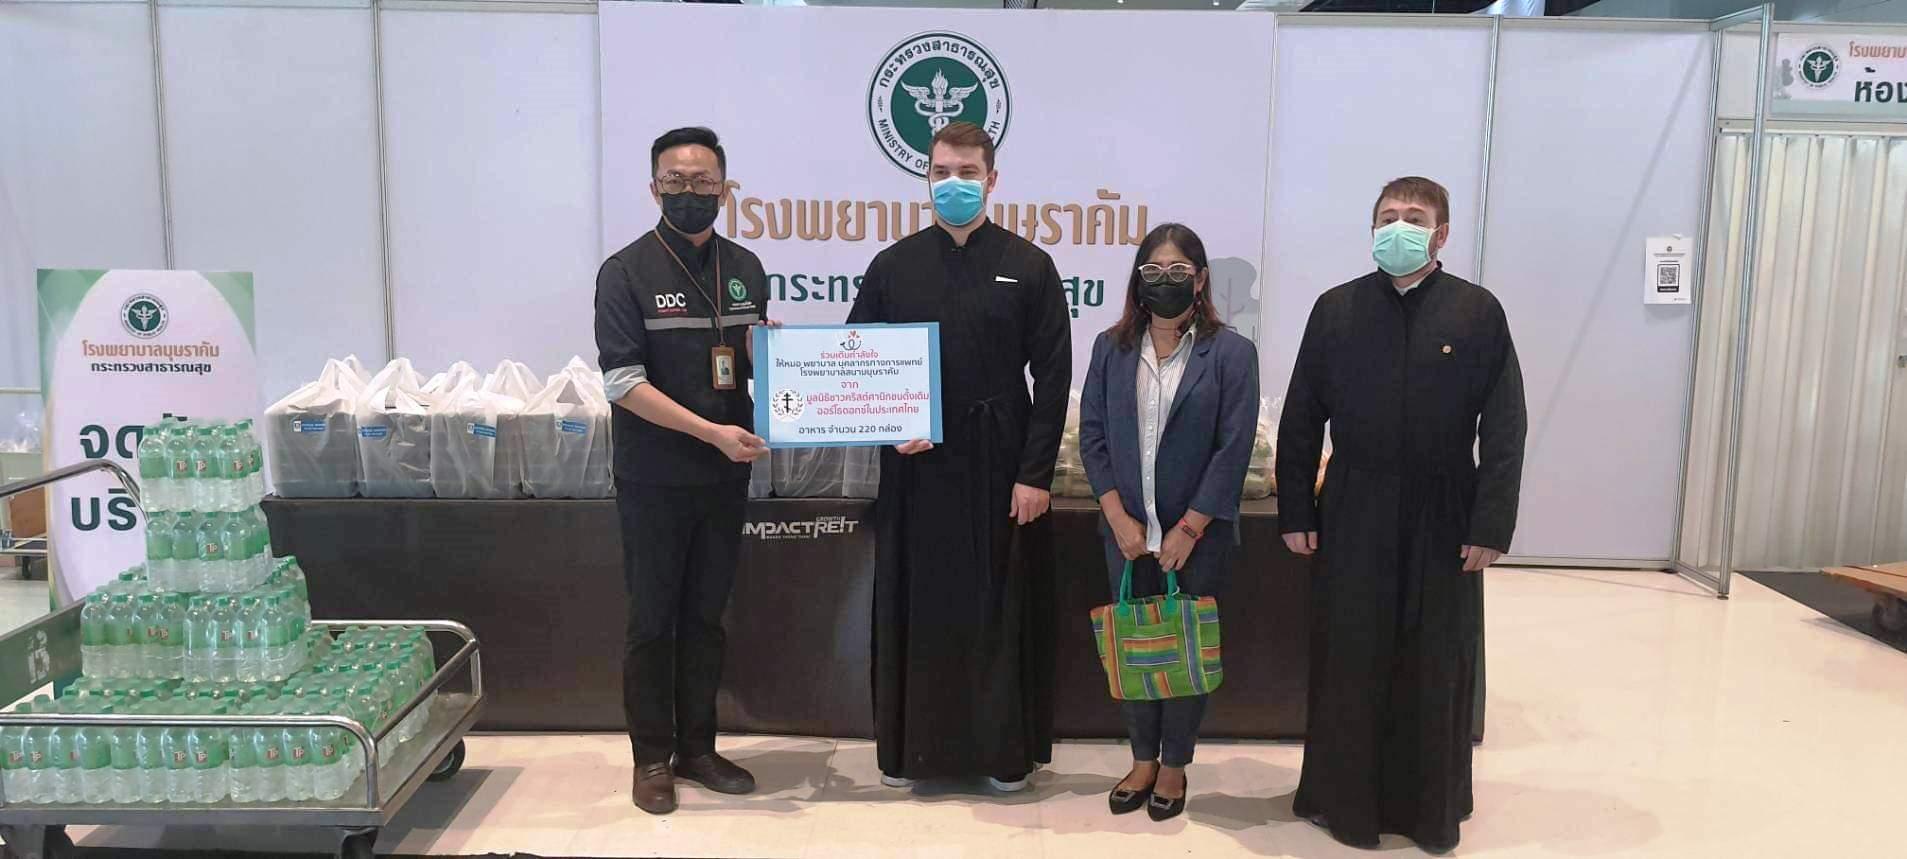 Представители Таиландской епархии передают продуктовую помощь COVID-больным